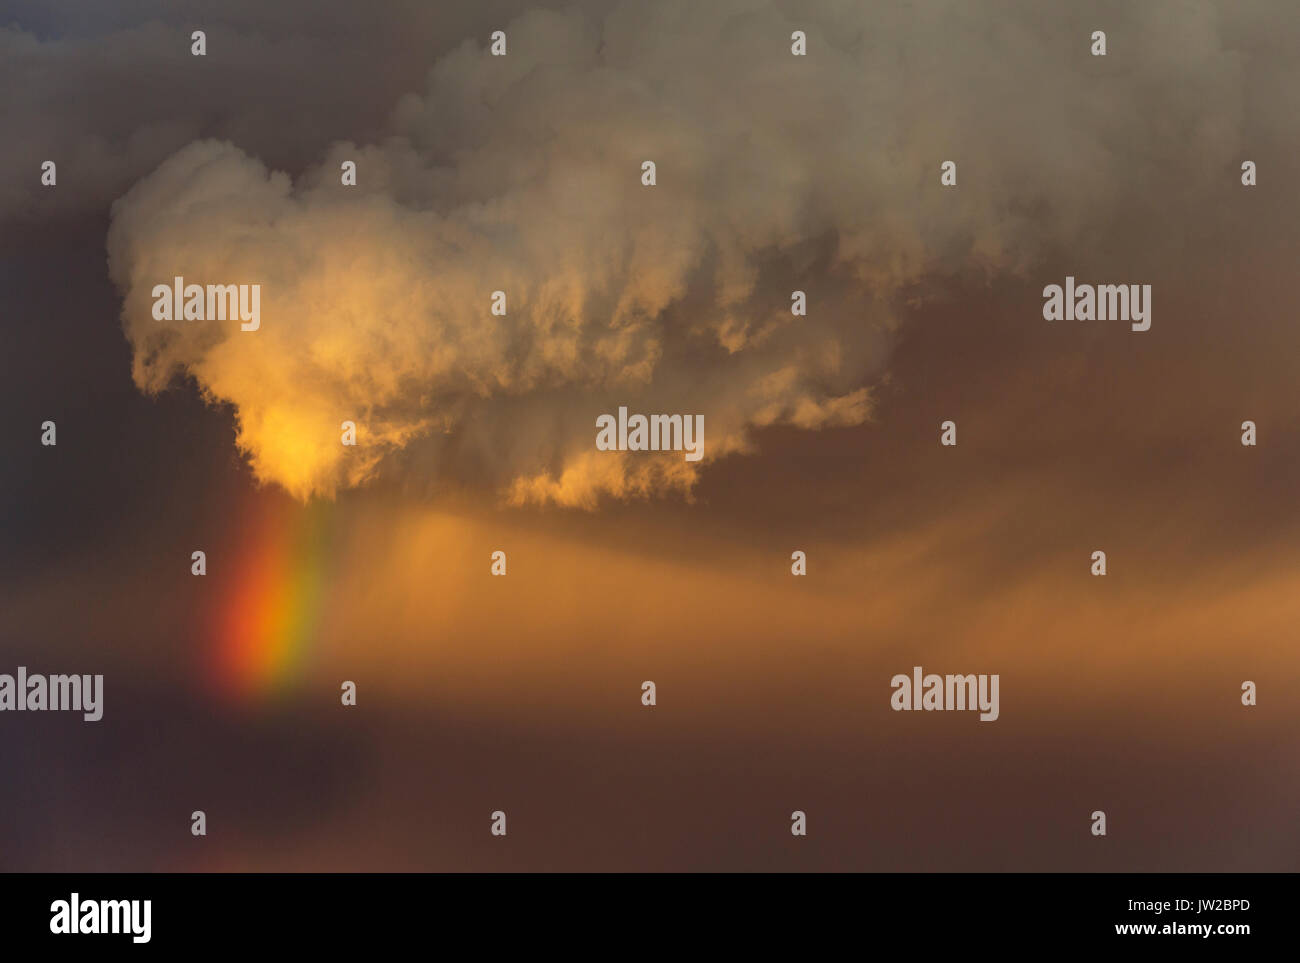 Evening thunderstorm with Cumulonimbus cloud and rainbow above a sand dune, rainy season, Kalahari Desert - Stock Image